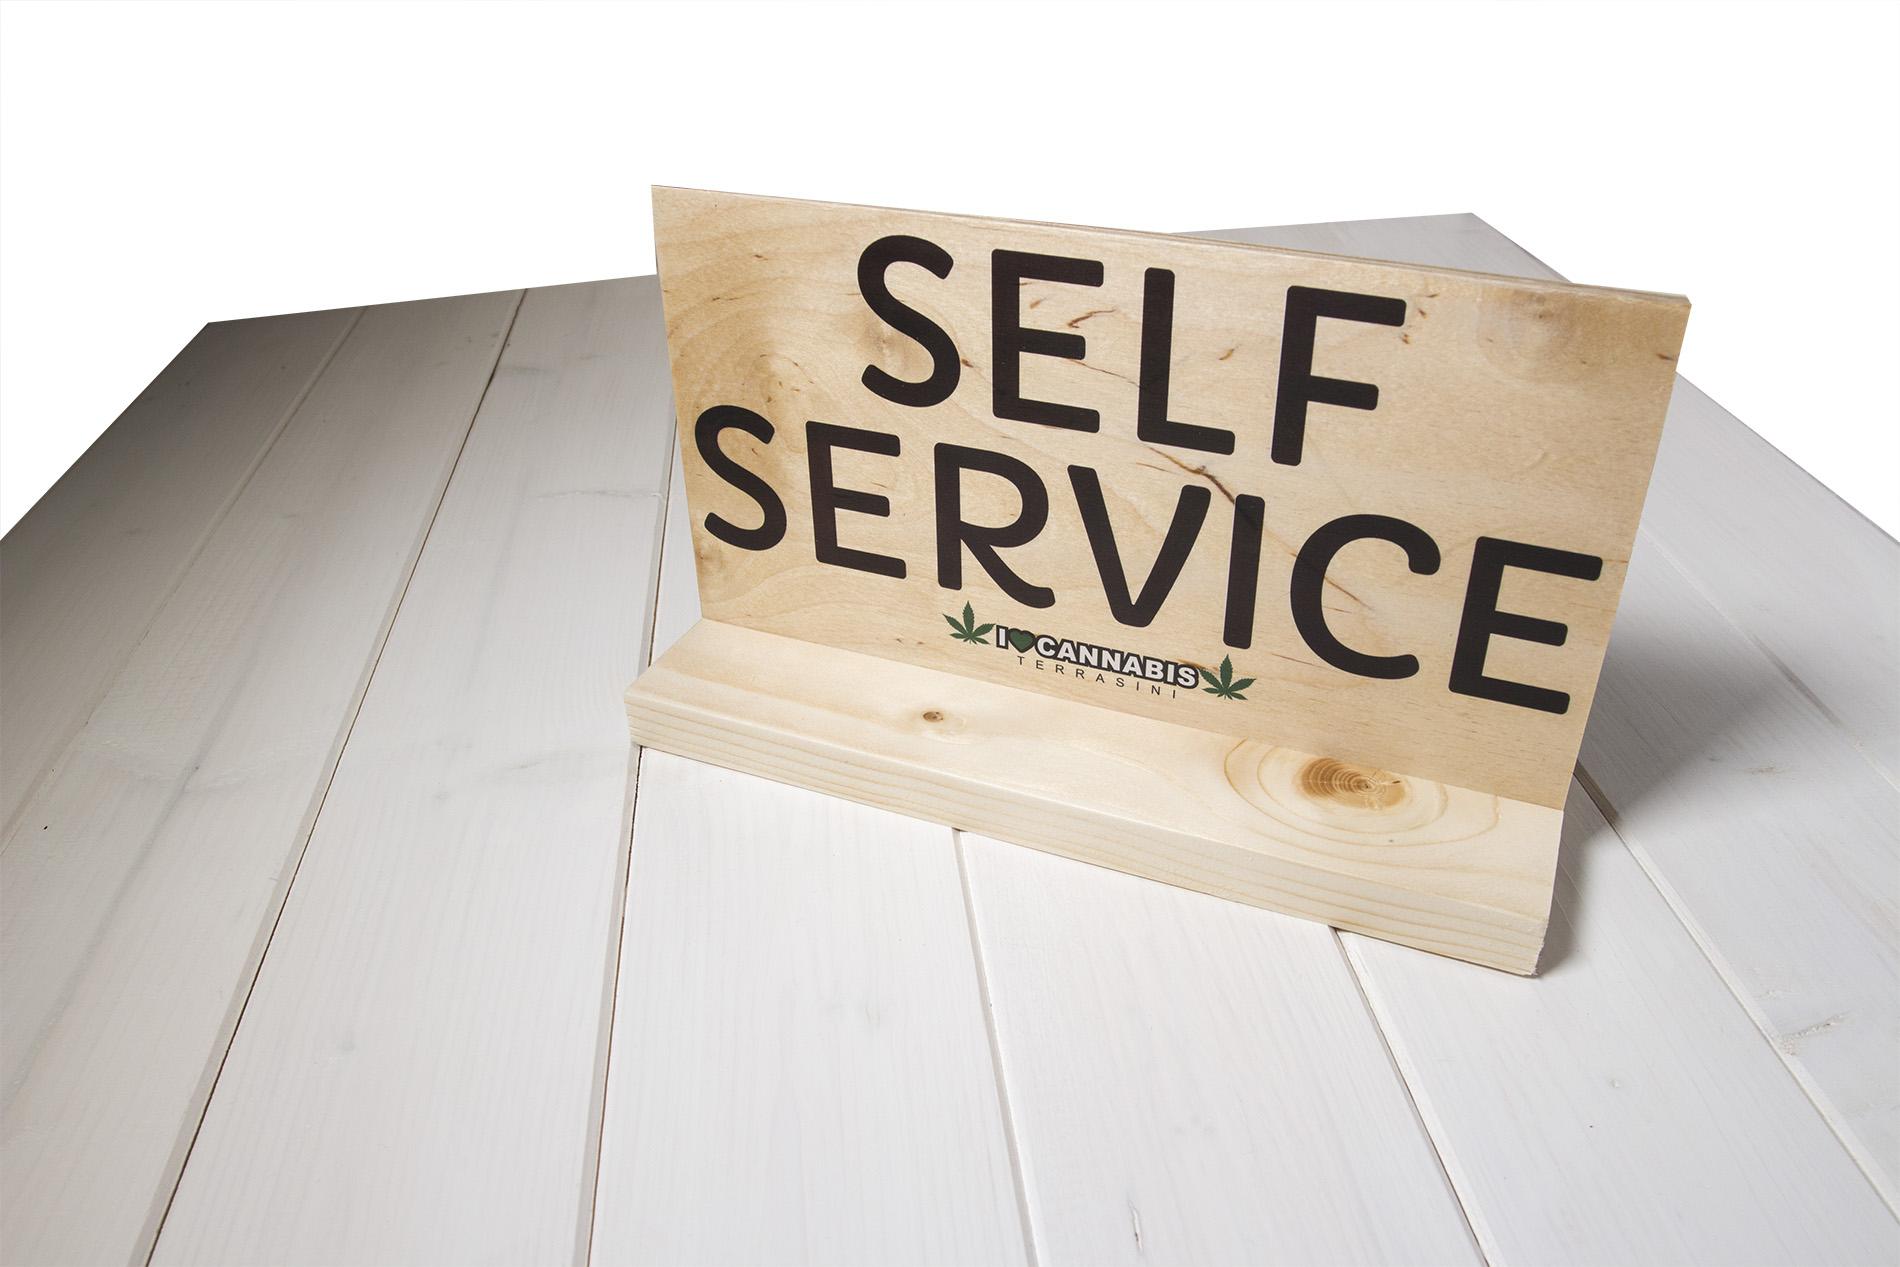 Insegne Di Legno - Self Service